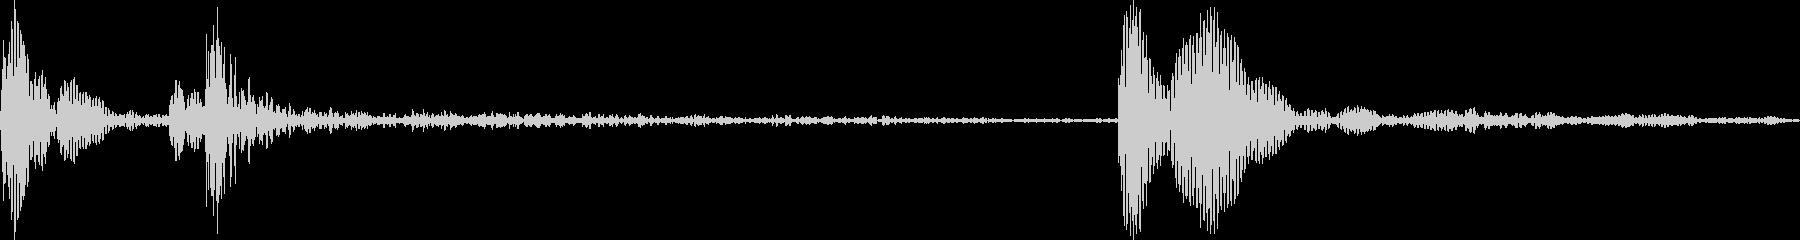 カジュアルな選択、ピックアップ音の未再生の波形